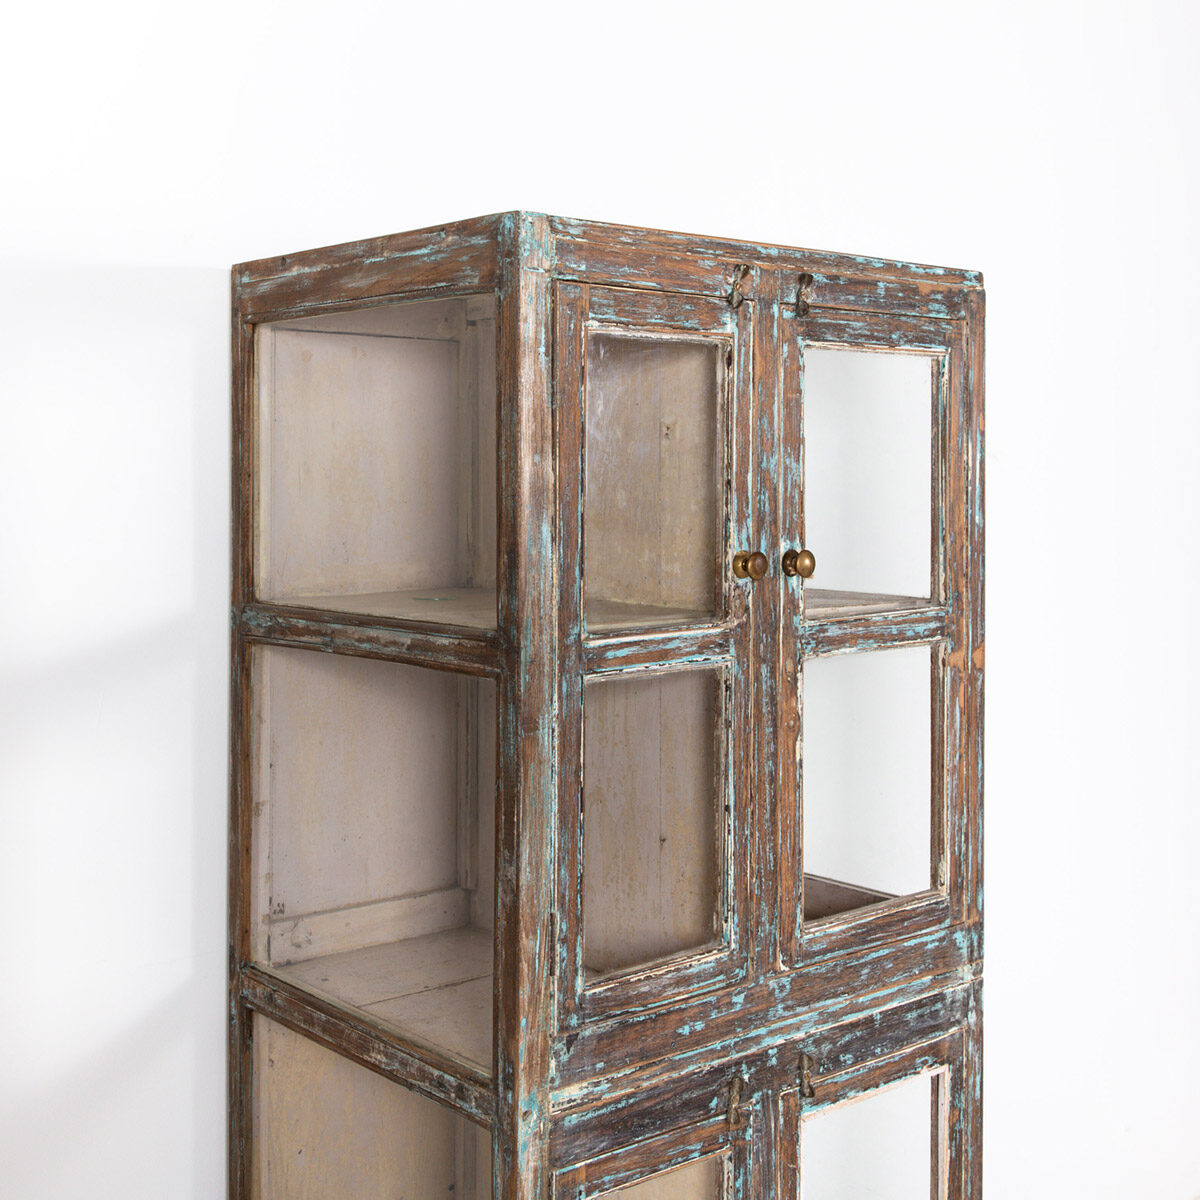 Hoge-glazen-kast-4-deuren-bruinblauw-7